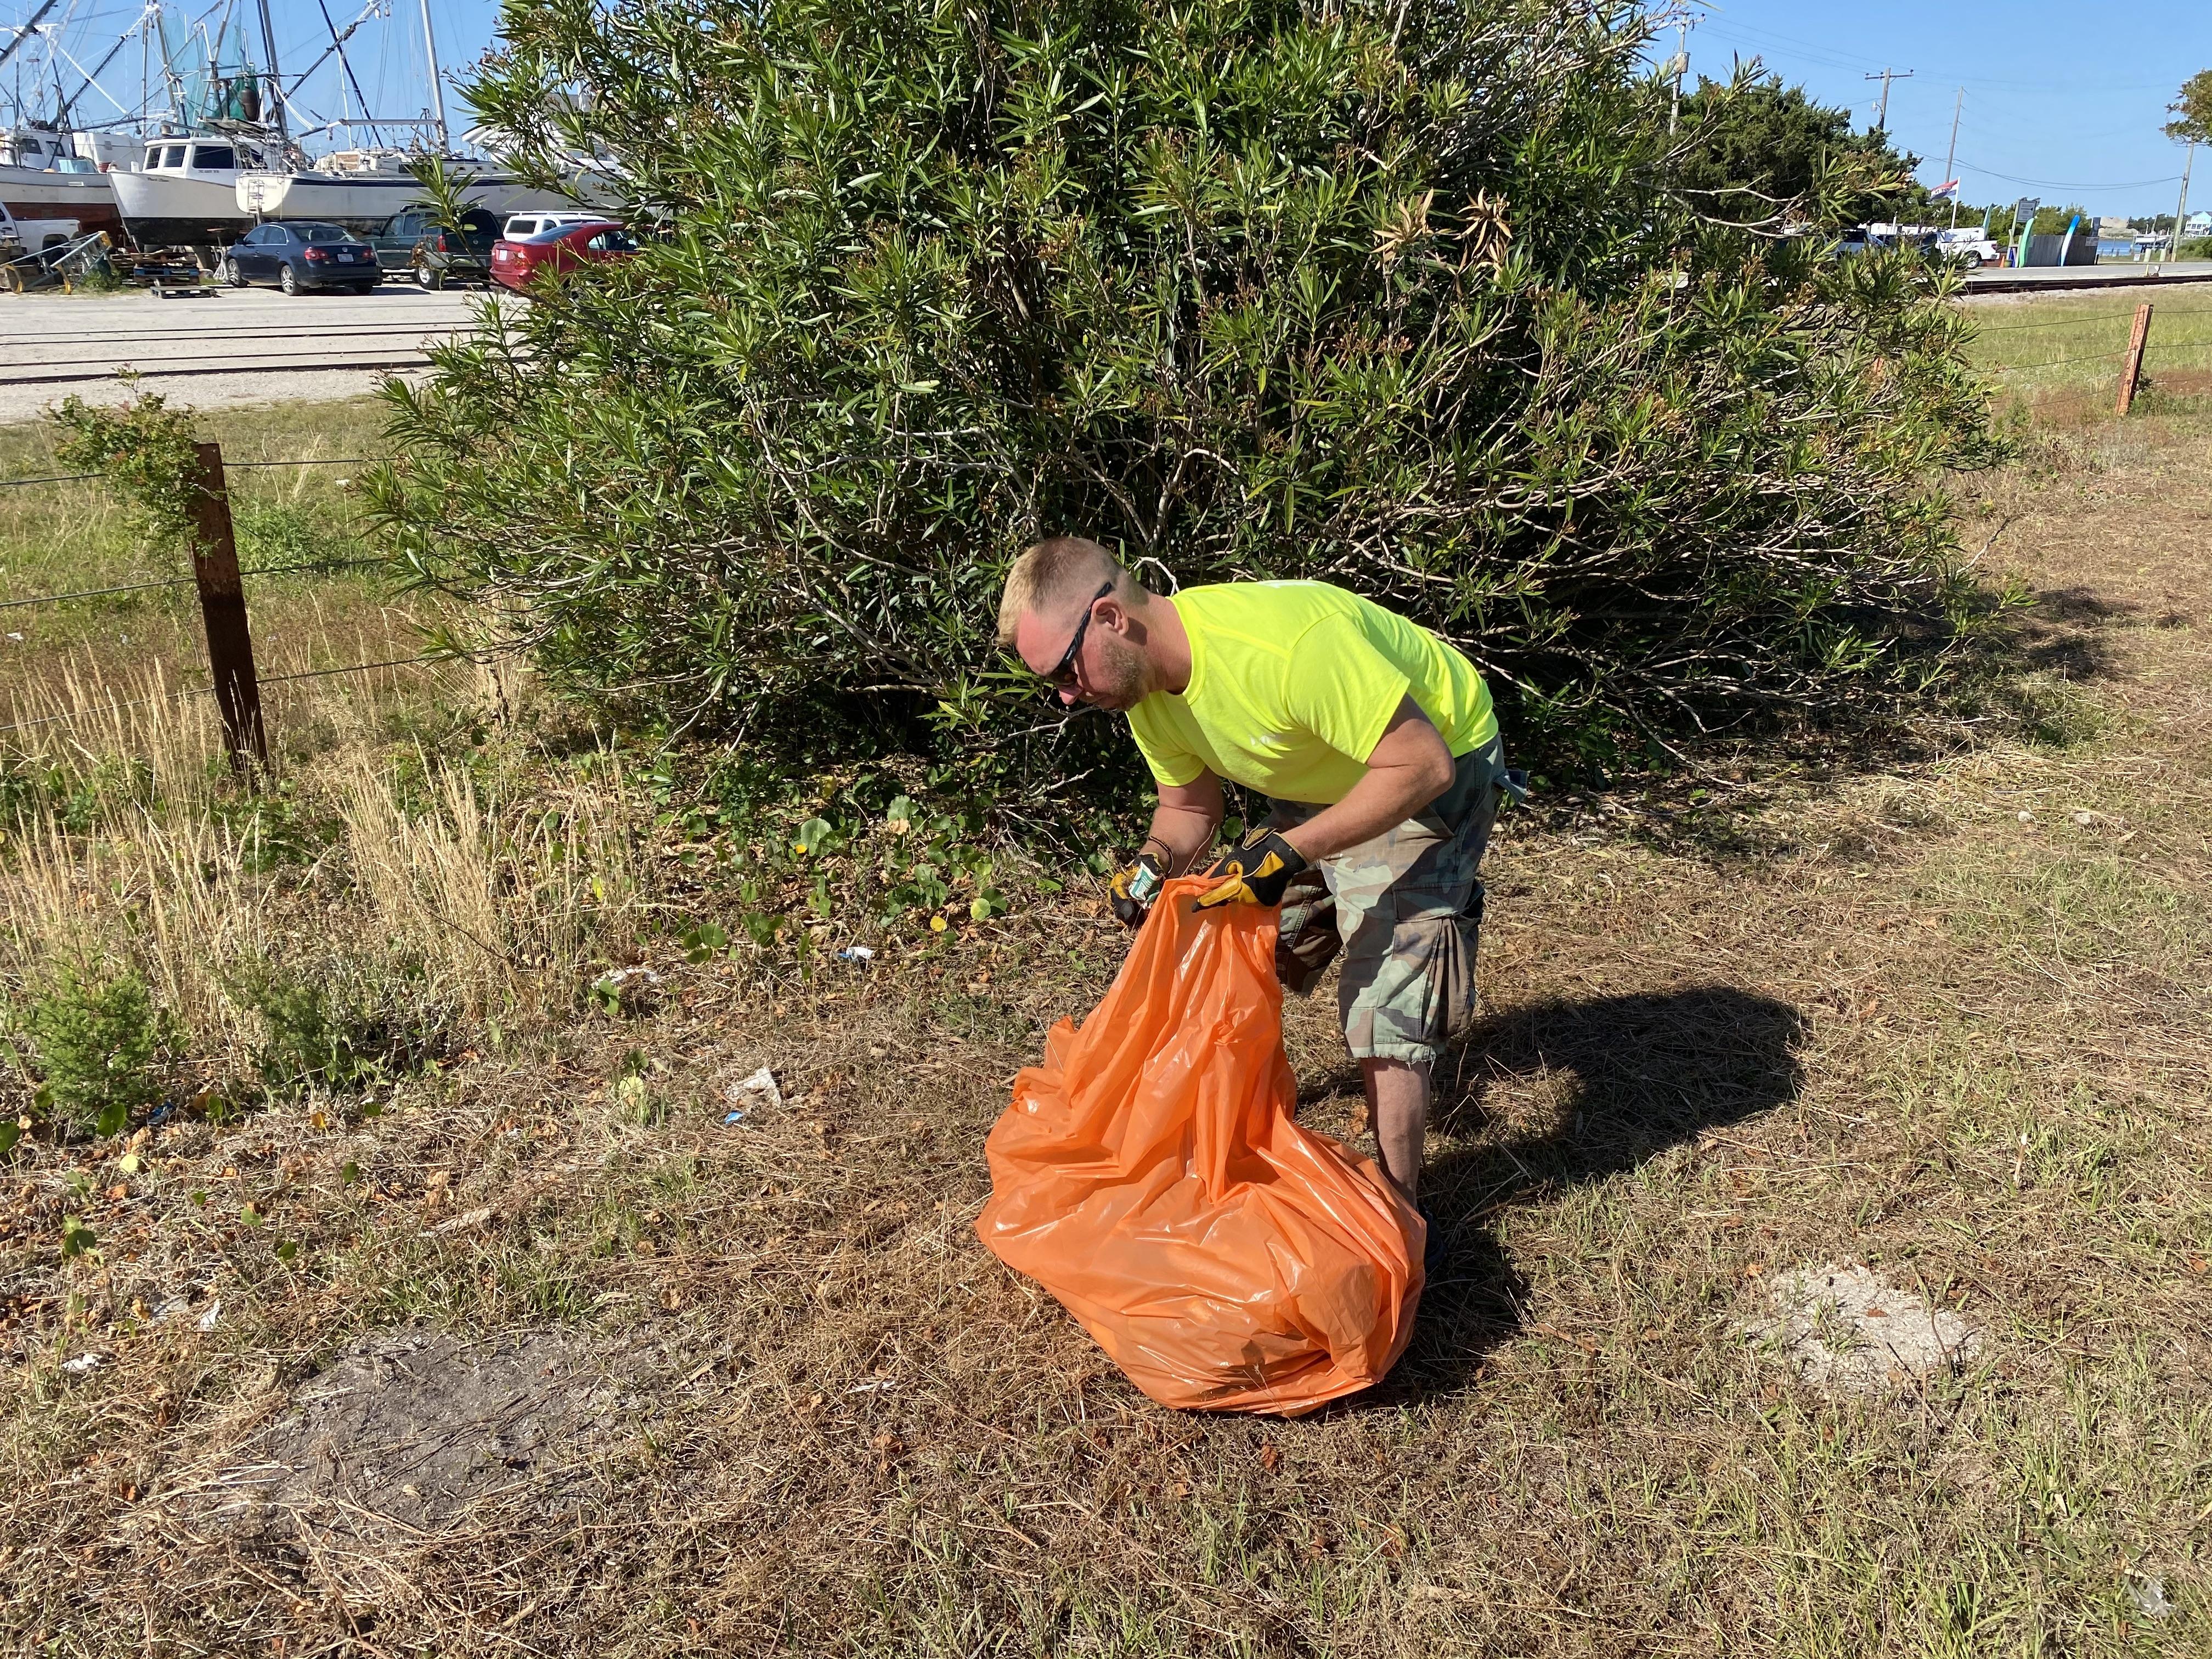 Volunteer picking up trash.